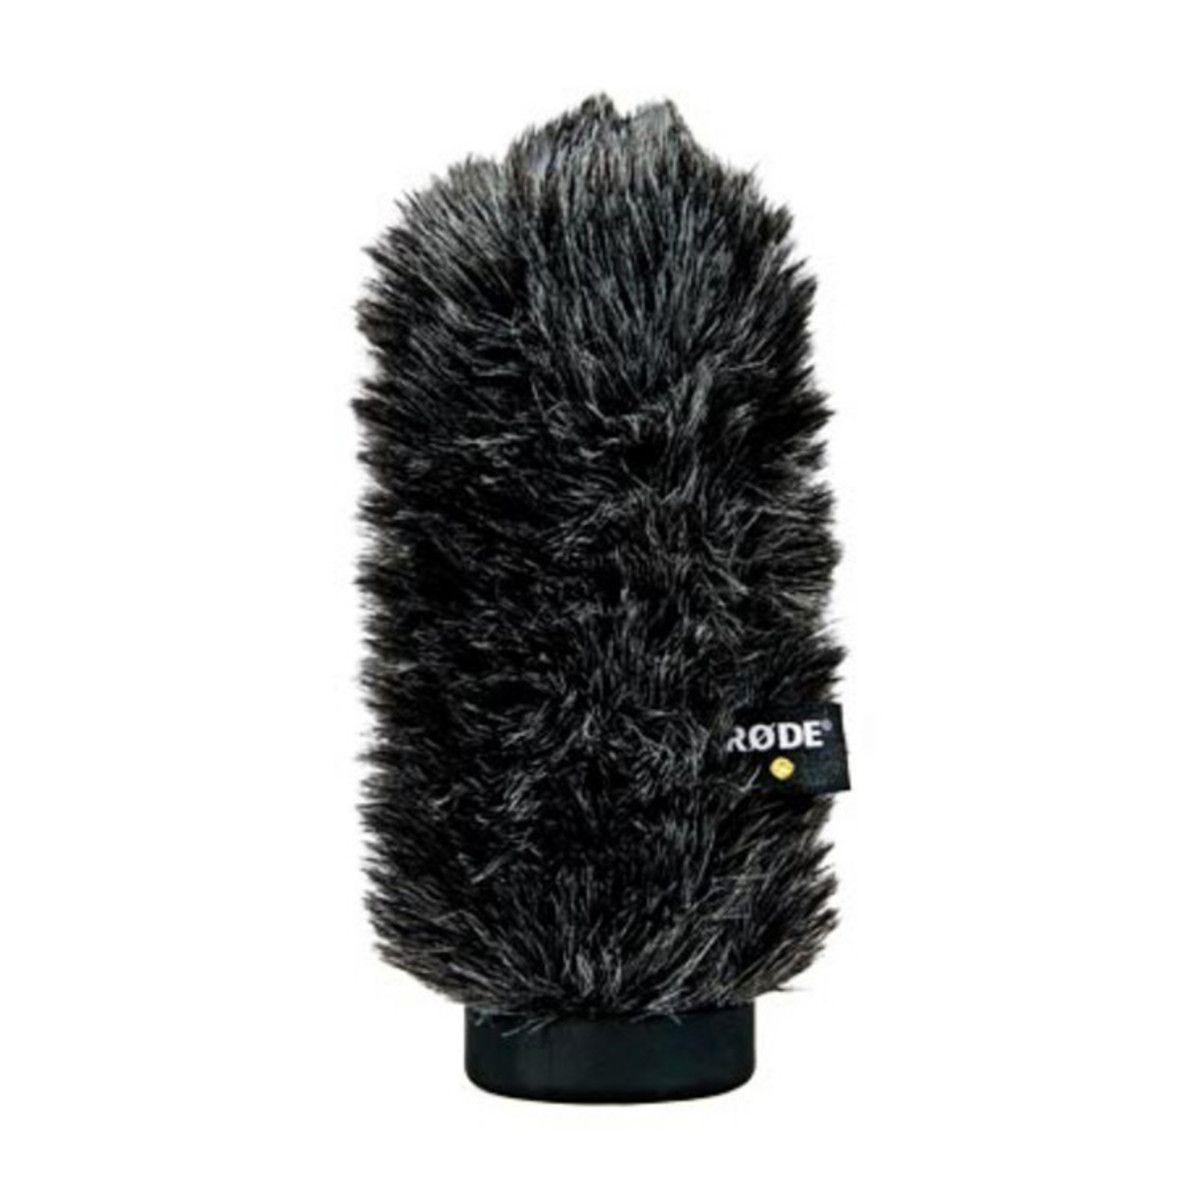 Rode WS6 Deluxe Microphone Windsheild